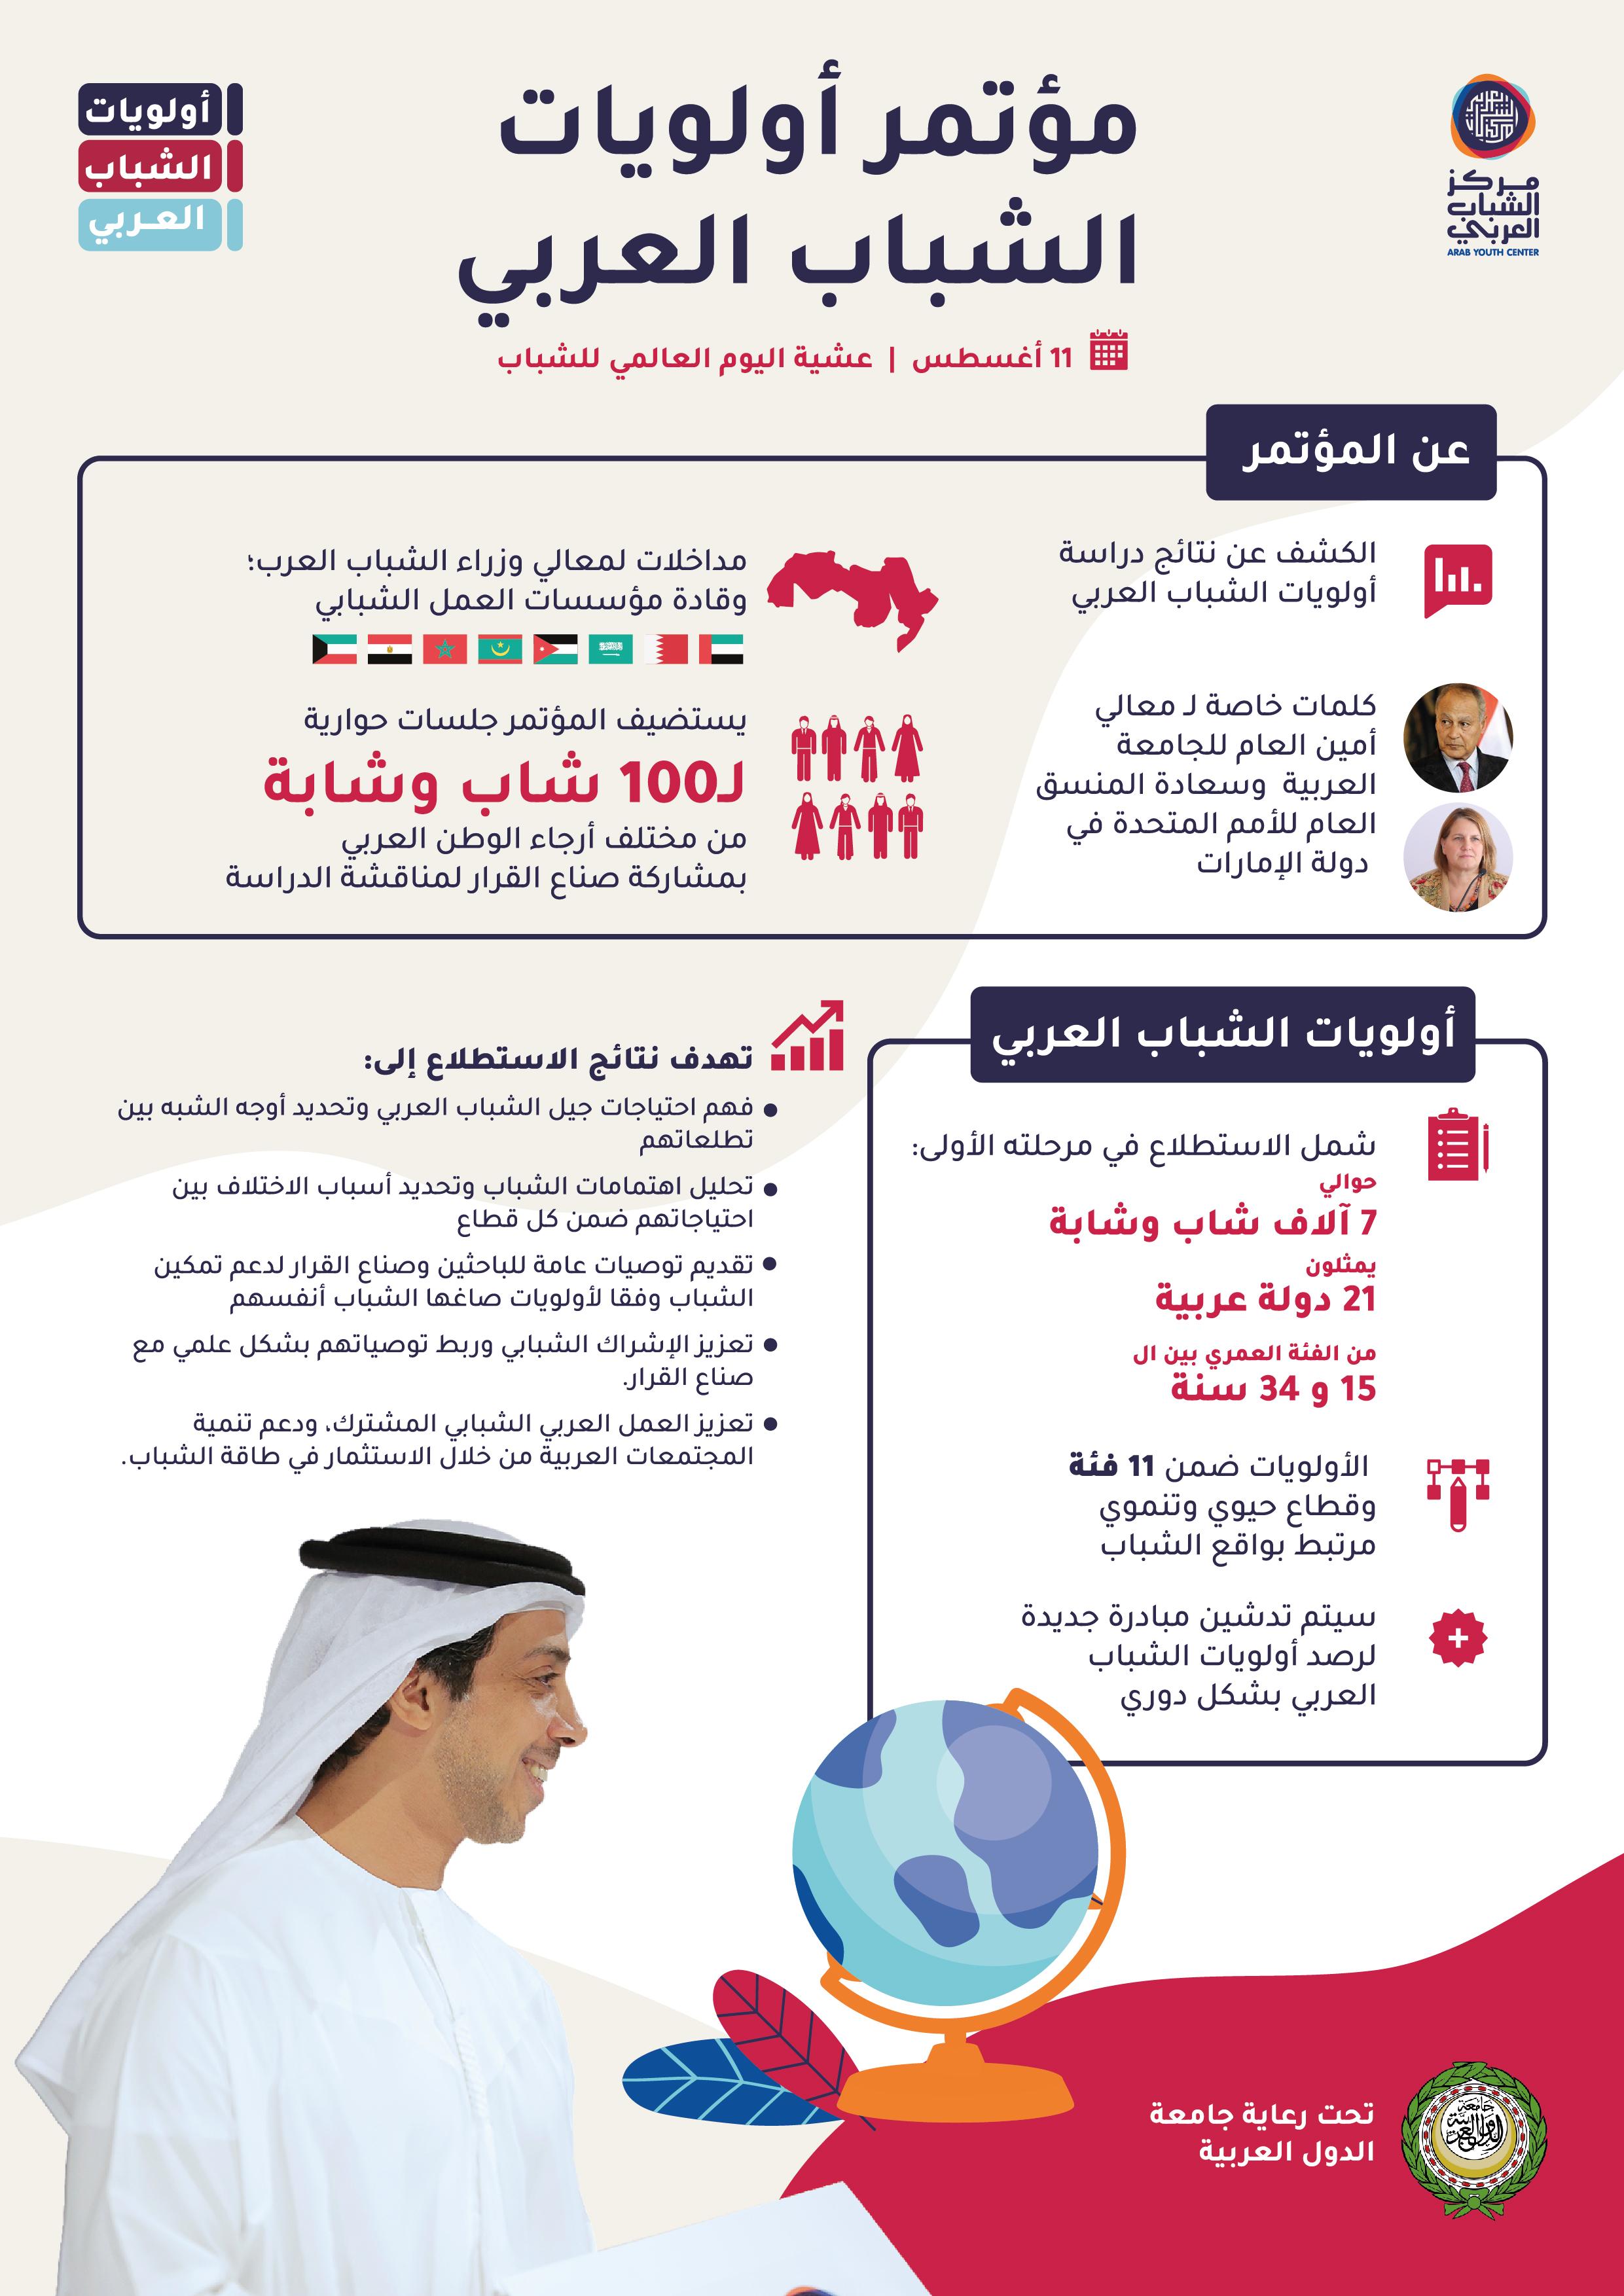 أولويات الشباب العربي- طولي